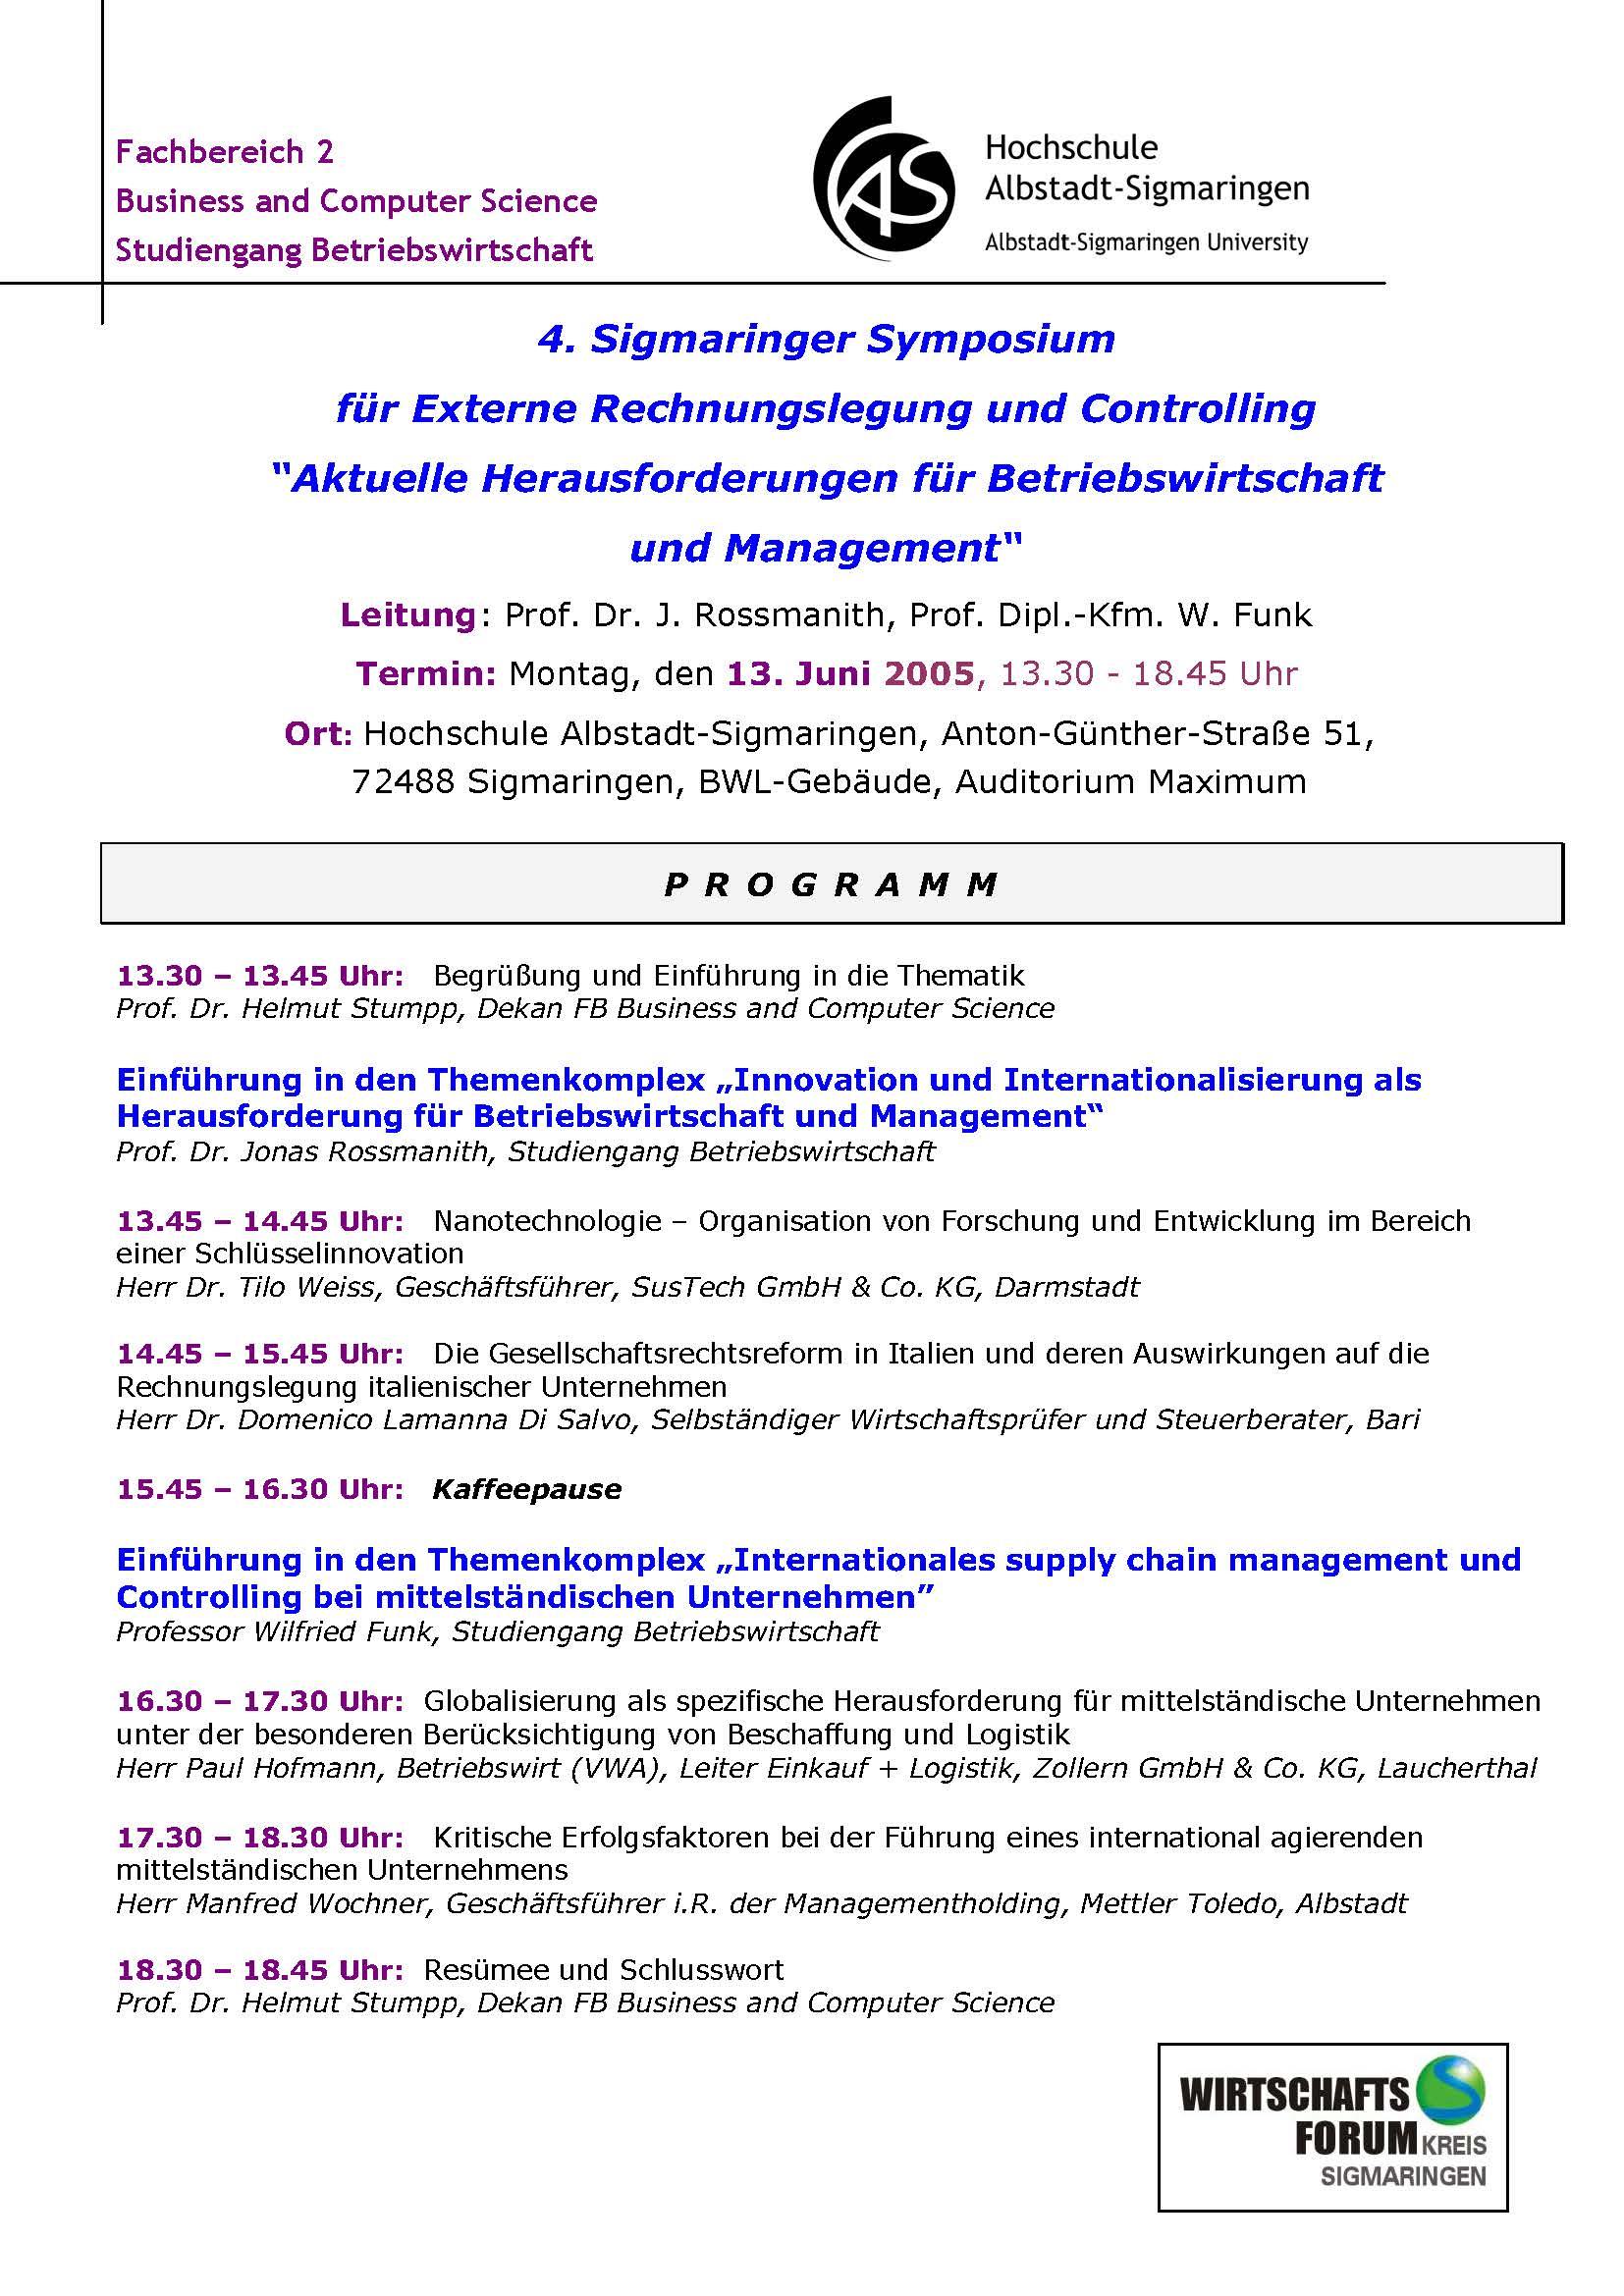 """13.06.2005 4. Sigmaringer Symposium für externe Rechnungslegung und  Controlling """"Aktuelle Herausforderungen für Betriebswirtschaft und  Management"""""""